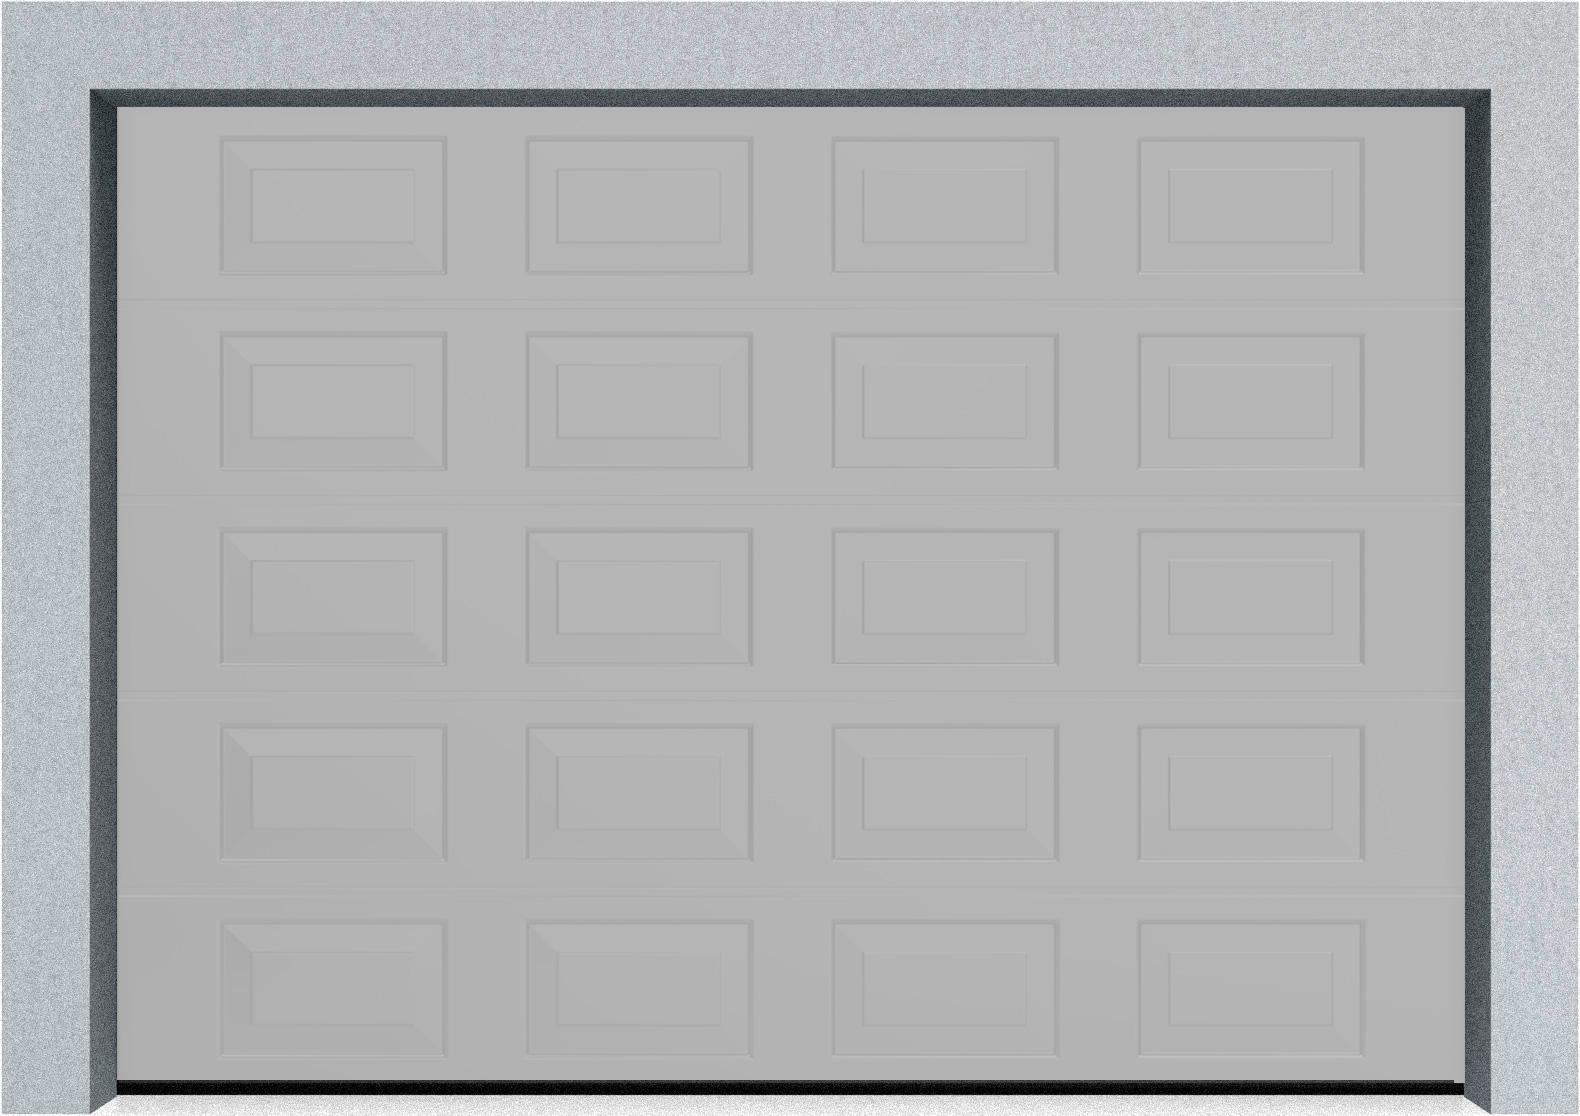 Секционные гаражные ворота DoorHan RSD01 3500x2000 Филенка стандартные цвета, пружины растяжения, фото 4